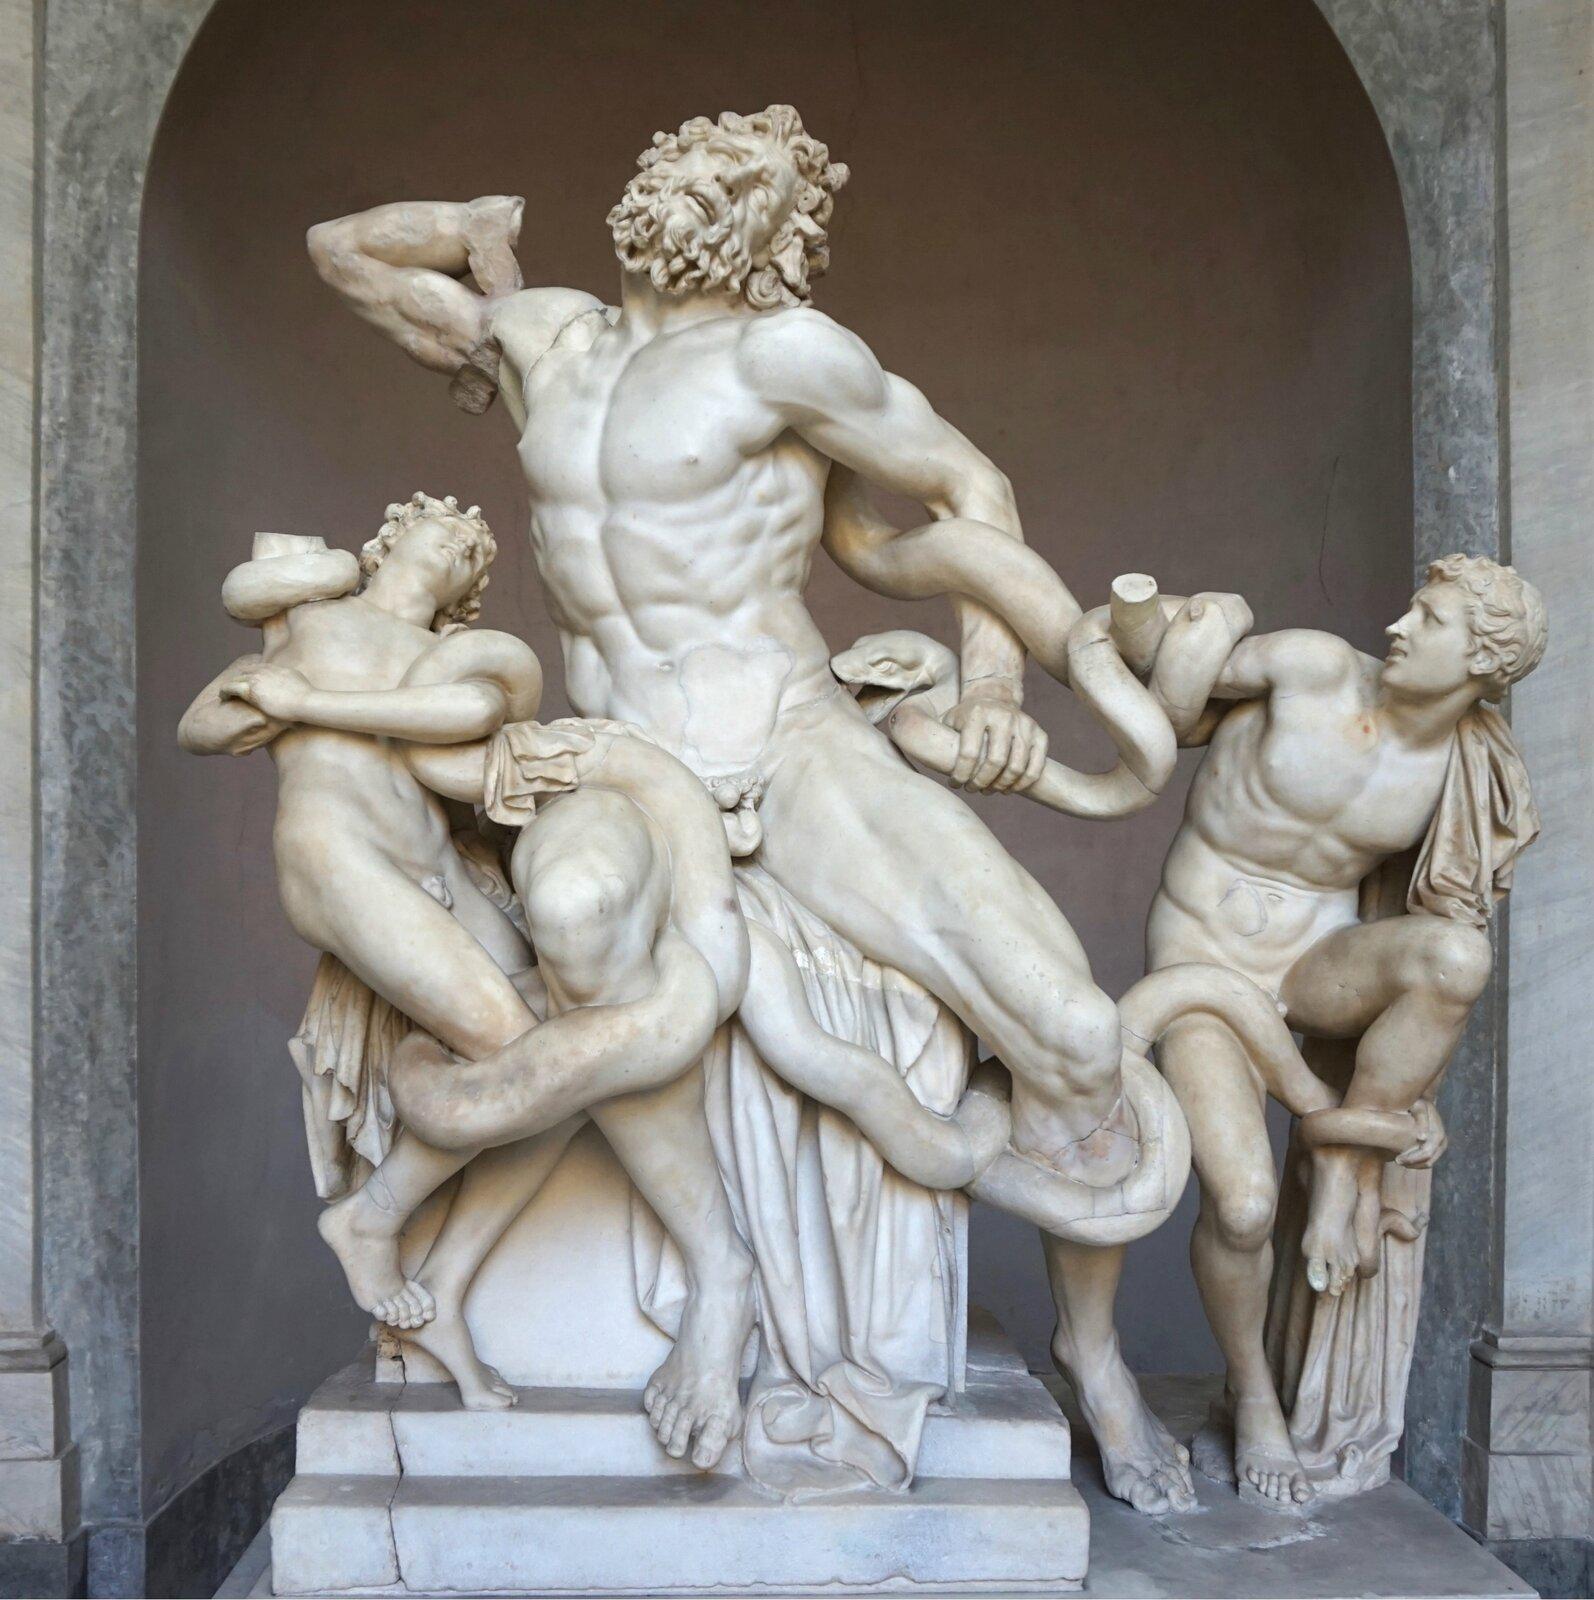 Odpowiedz, czym jest mit. Skorzystaj zponiższych możliwości: 1. Opowiadania owojnach wstarożytności, 2. Opowiadanie oprzygodach bogów, przeplatane losem ludzi iinnych istot., 3. Opowiadanie oważnych wydarzeniach wstarożytności.